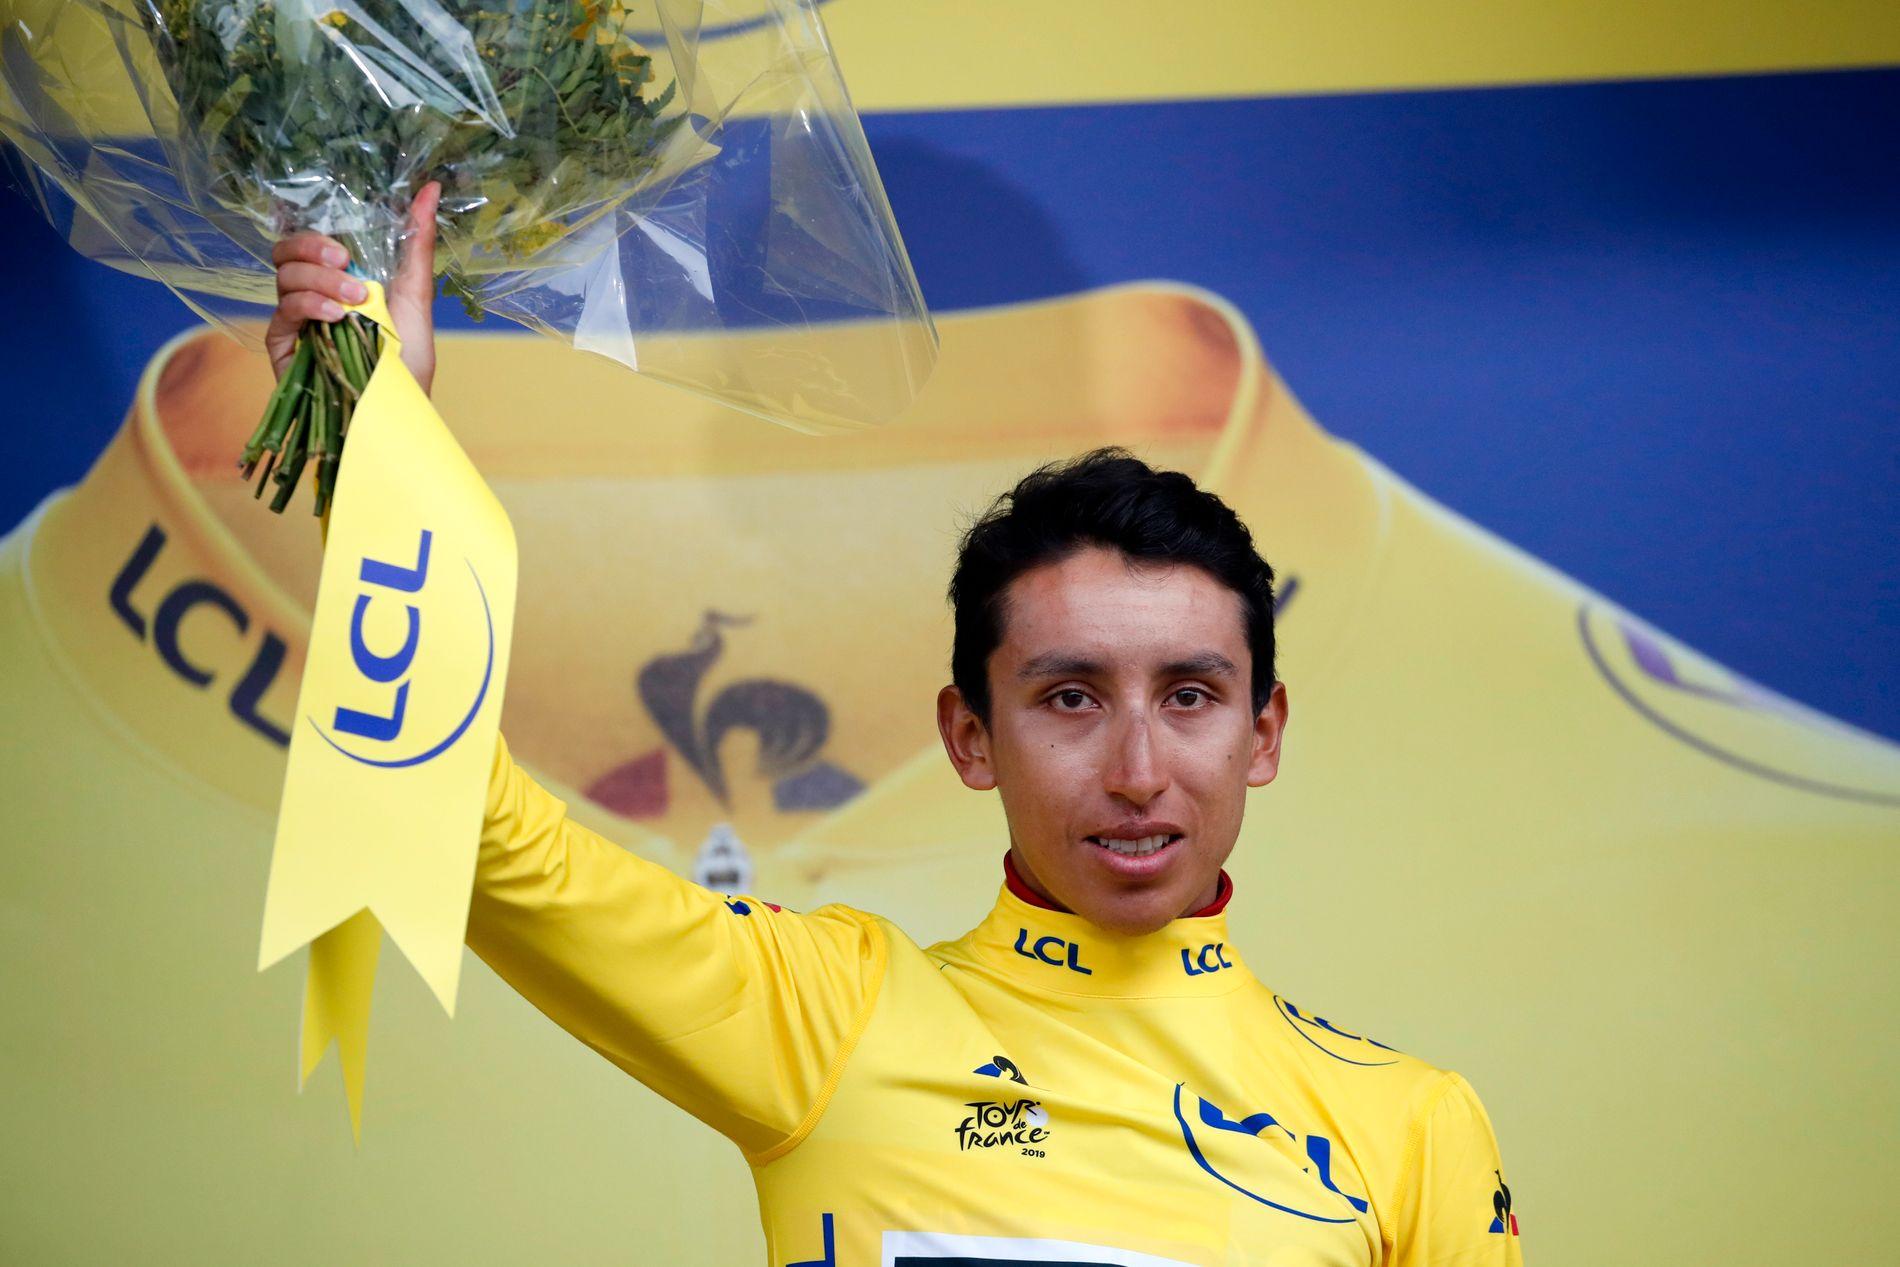 Egan Bernal er nå storfavoritt til å vinne Tour de France.